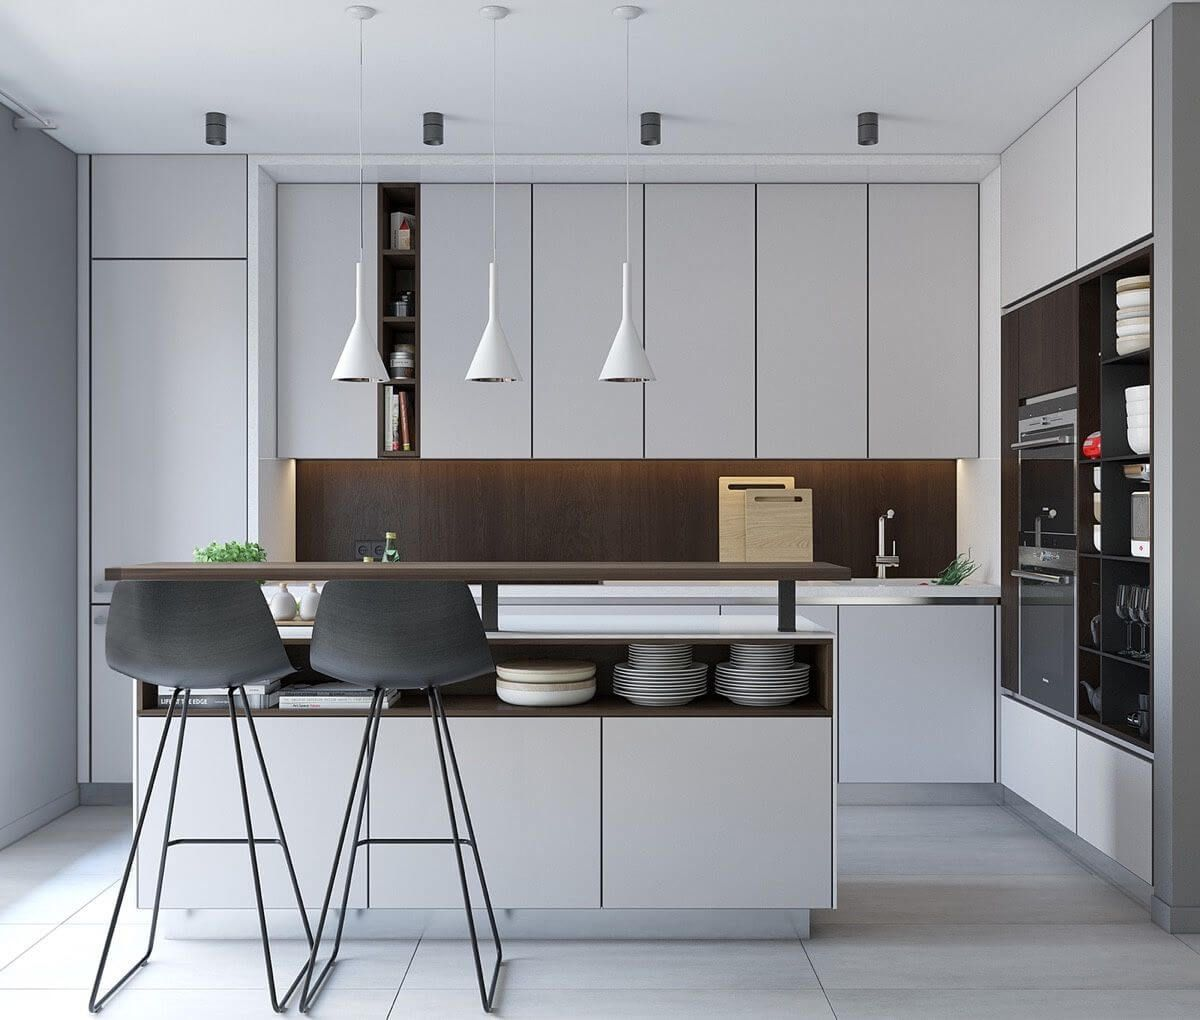 Minimalist Kitchen Designs For Small Apartments Kitchen Design Small Kitchen Decor Apartment Modern Kitchen Design